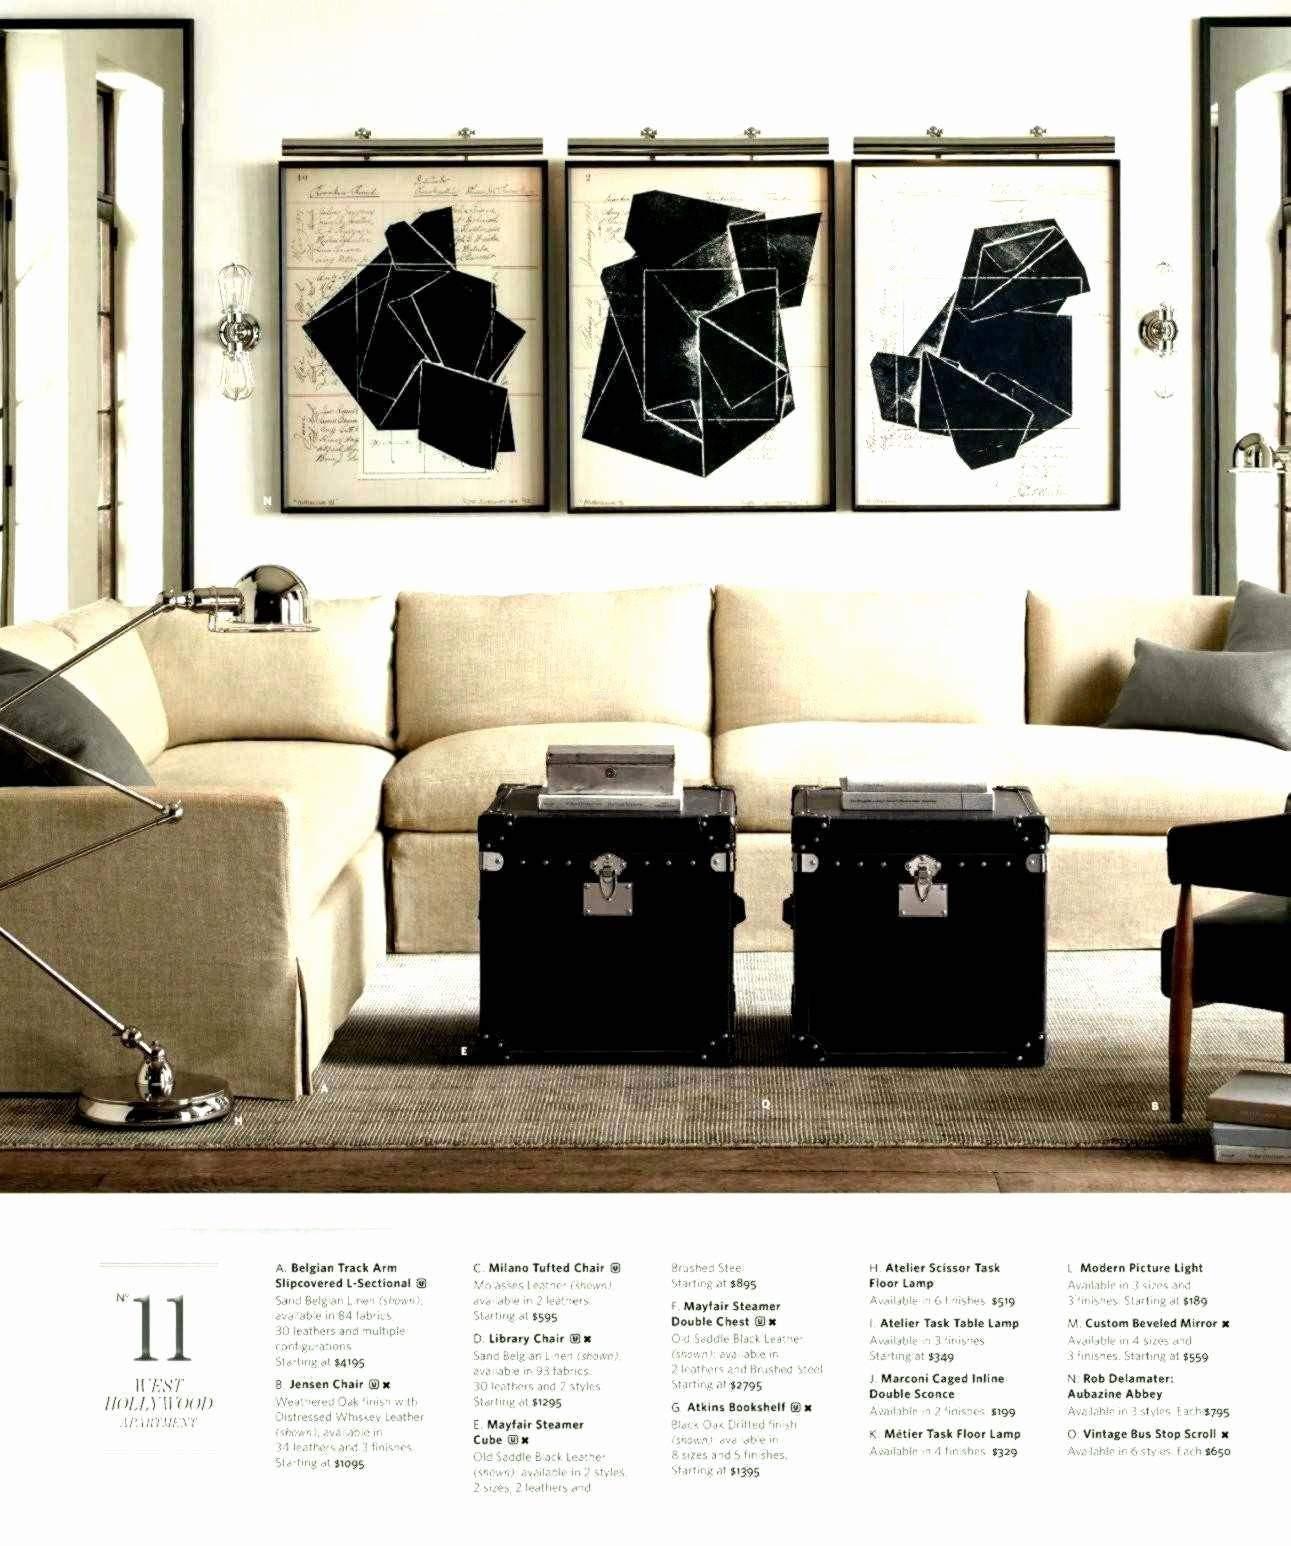 wohnzimmer vintage style frisch vintage living room furniture beautiful wohnzimmer modern of wohnzimmer vintage style